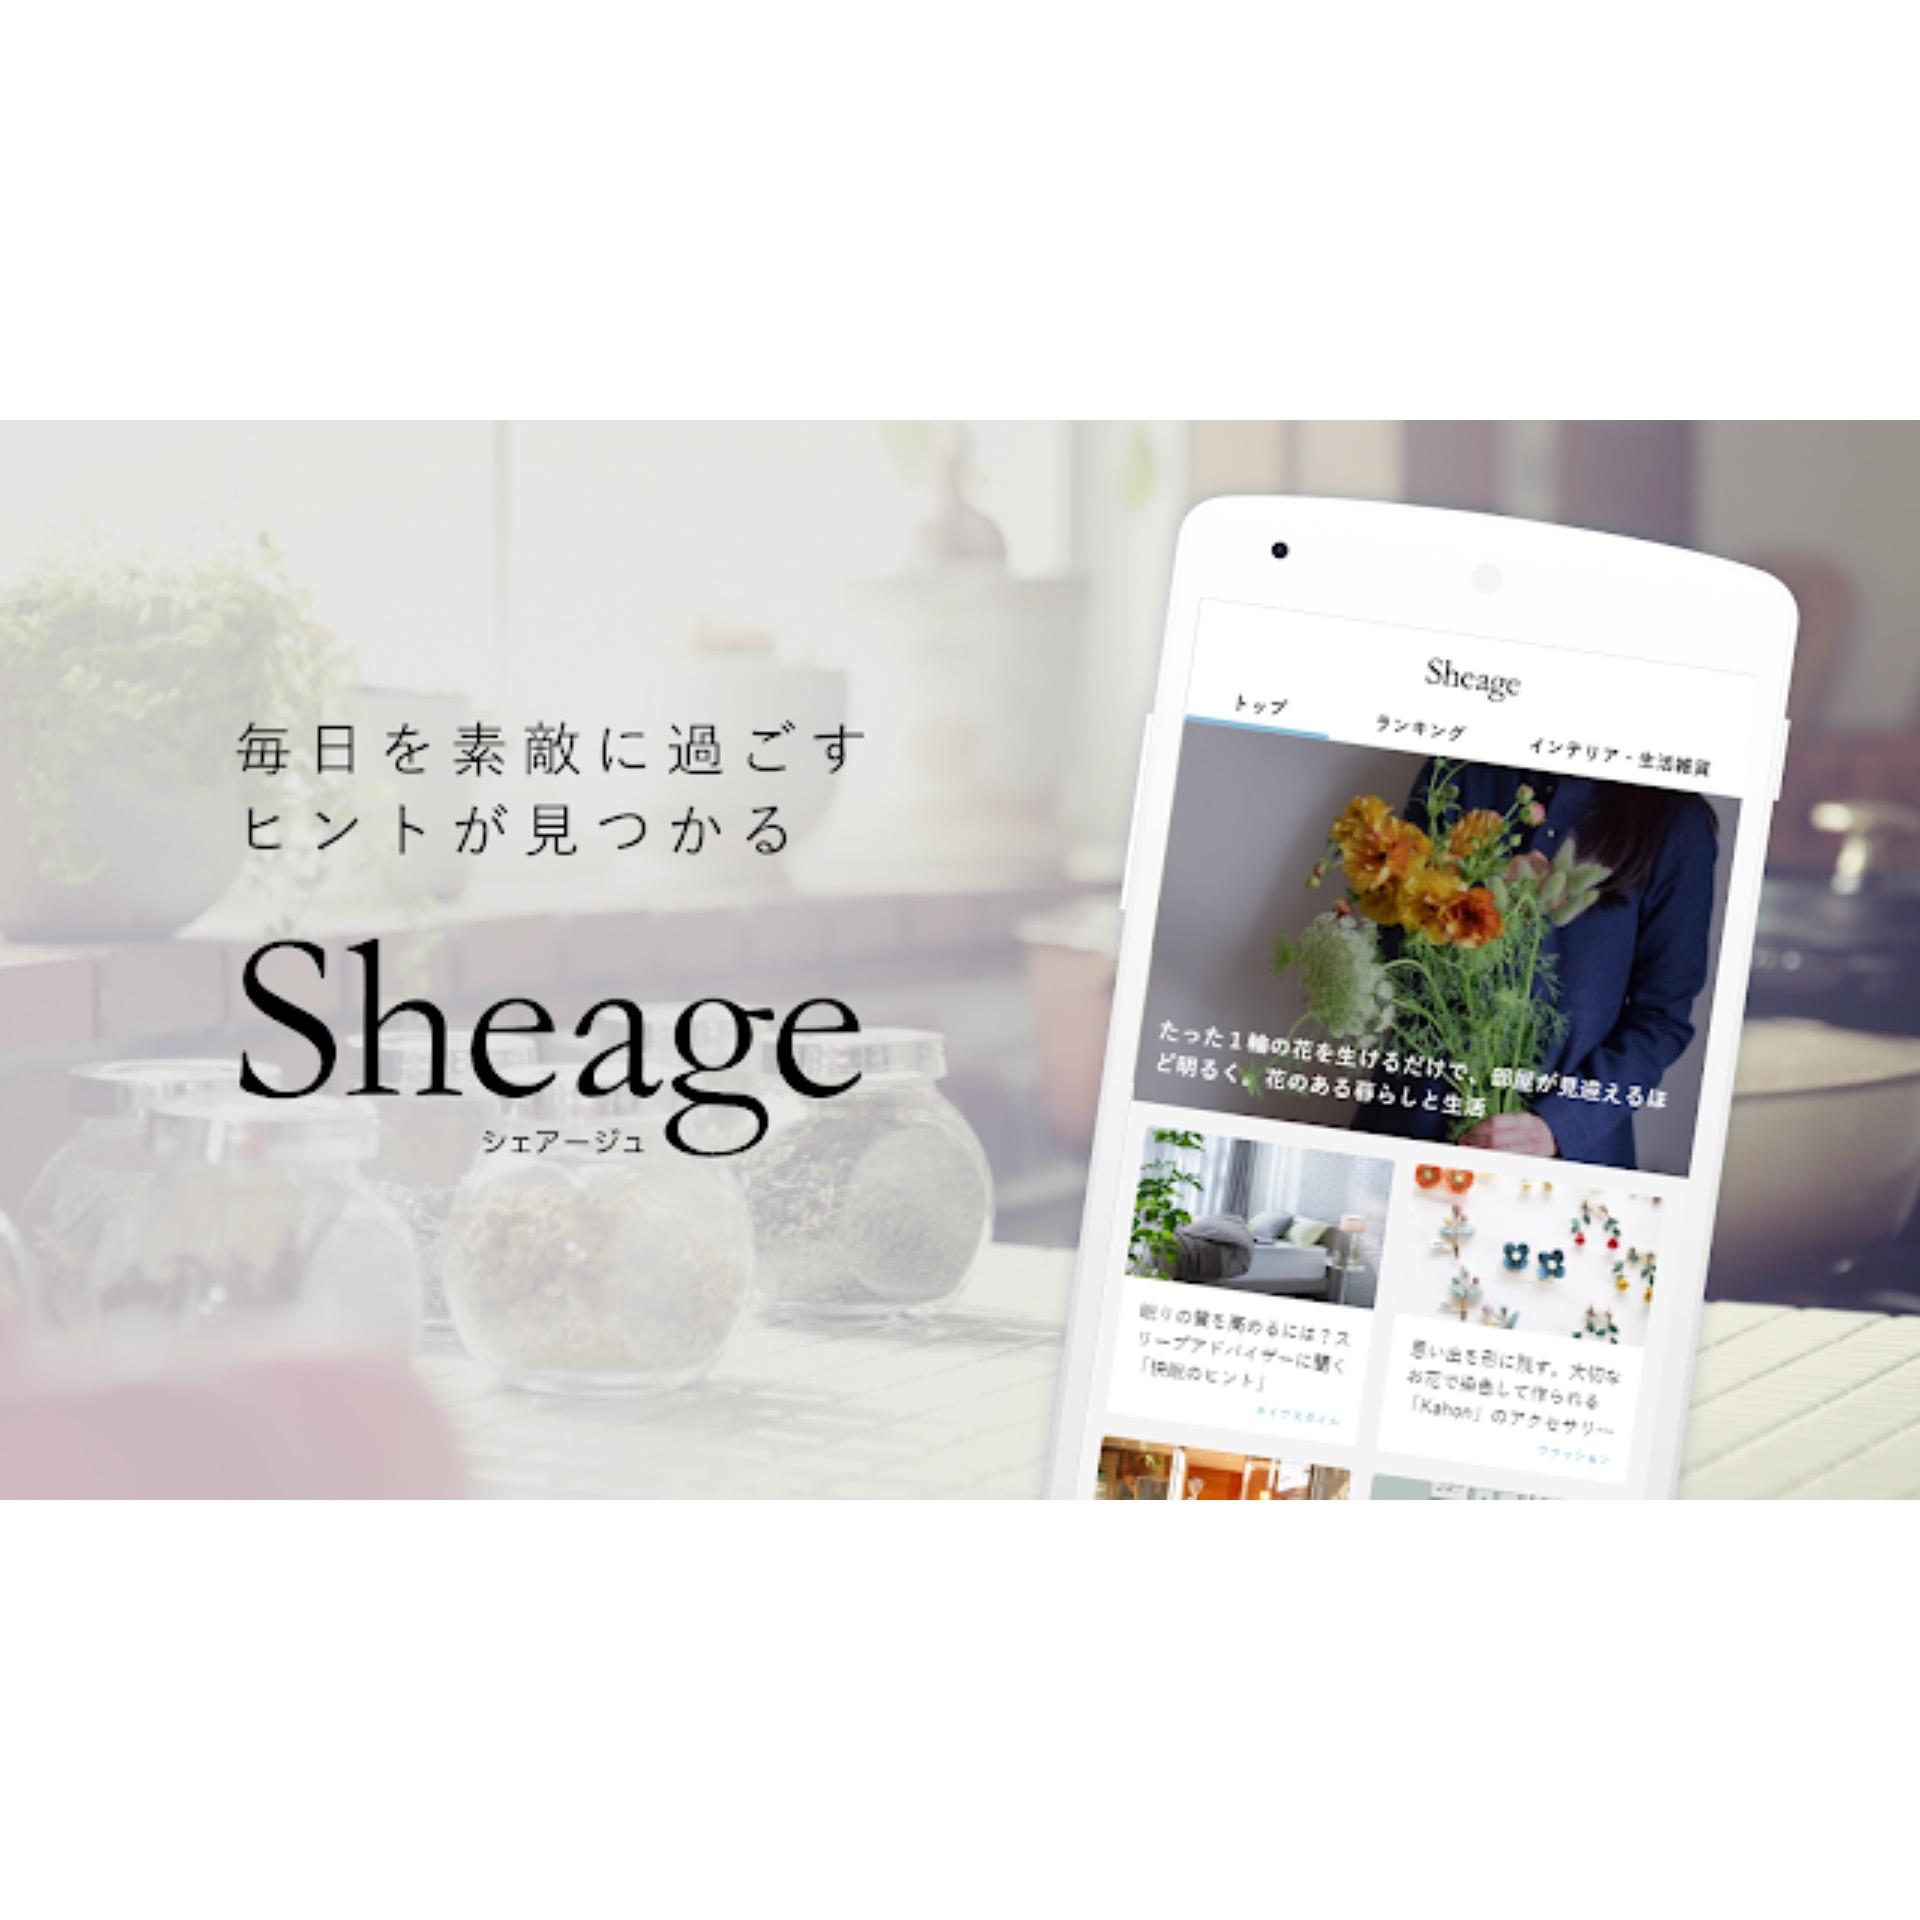 Sheage / シェアージュ